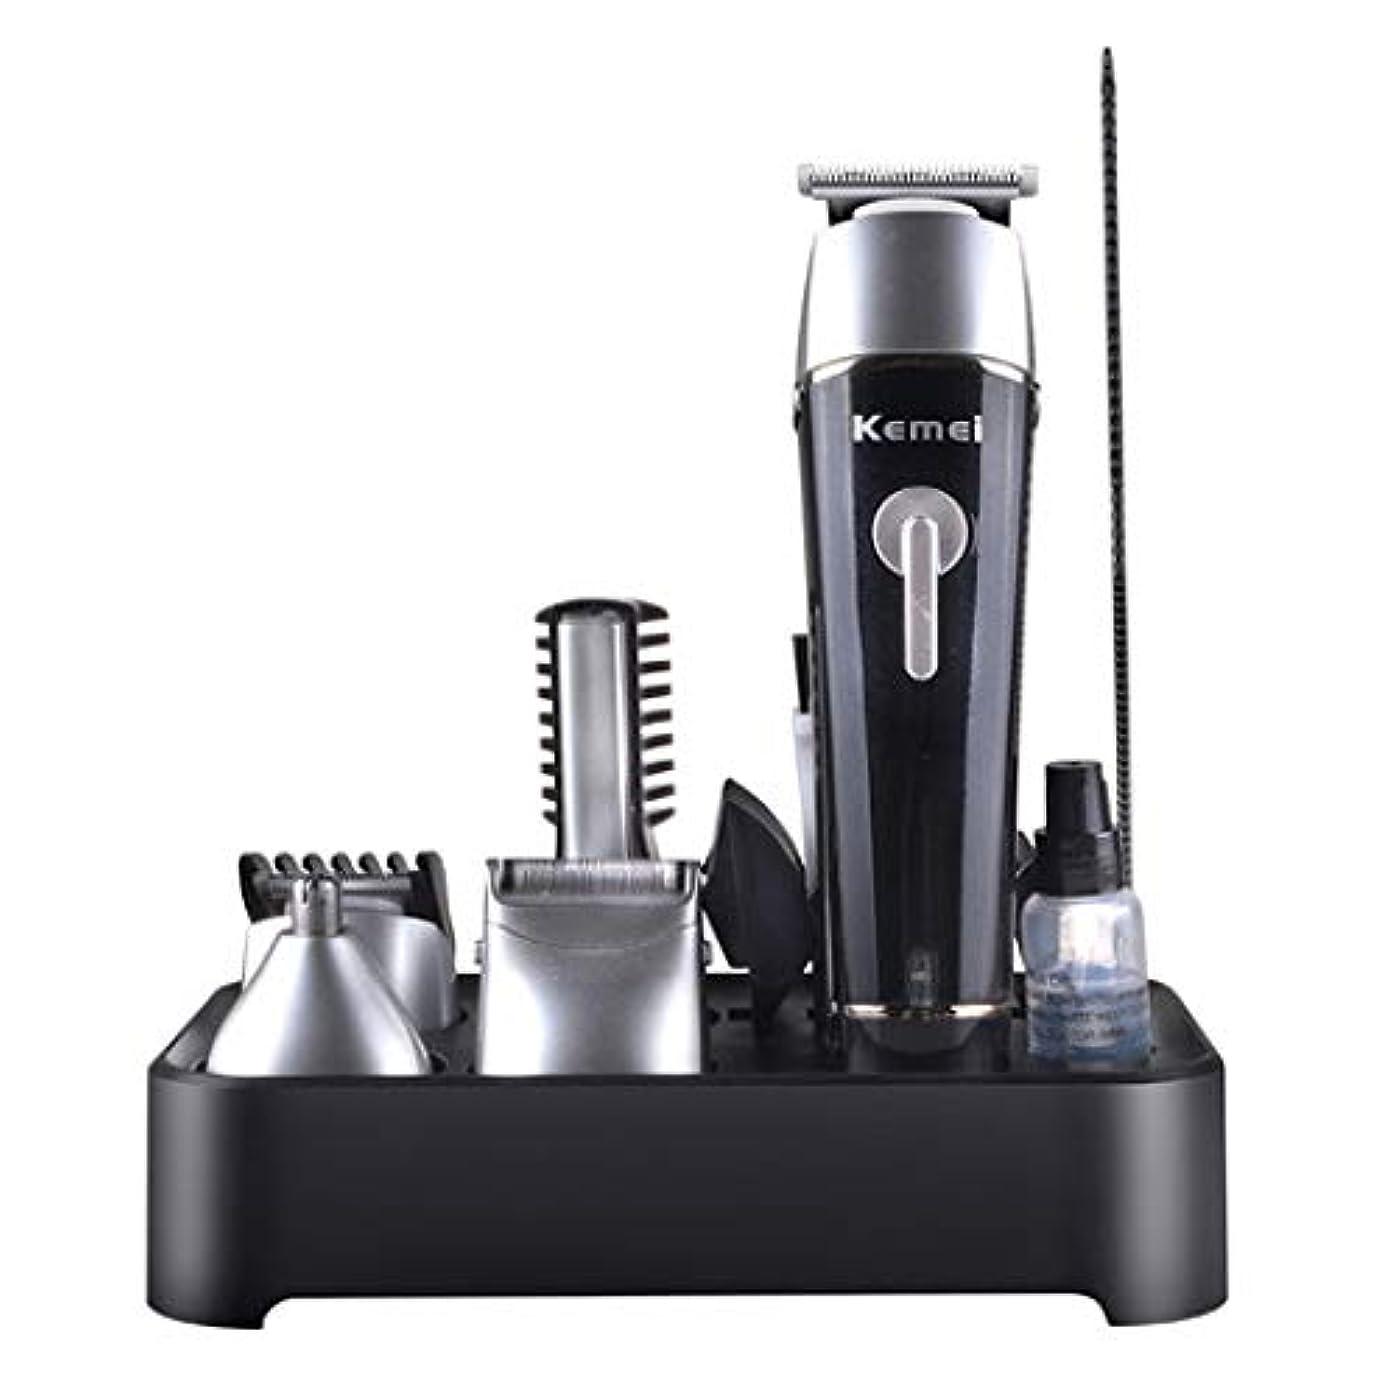 応じるブランド元気なQINJLI 電気髪クリッパー鼻ナイフ剃刀シェーバー多 function スーツ体を洗う基本 16 * 3.5 cm を充電